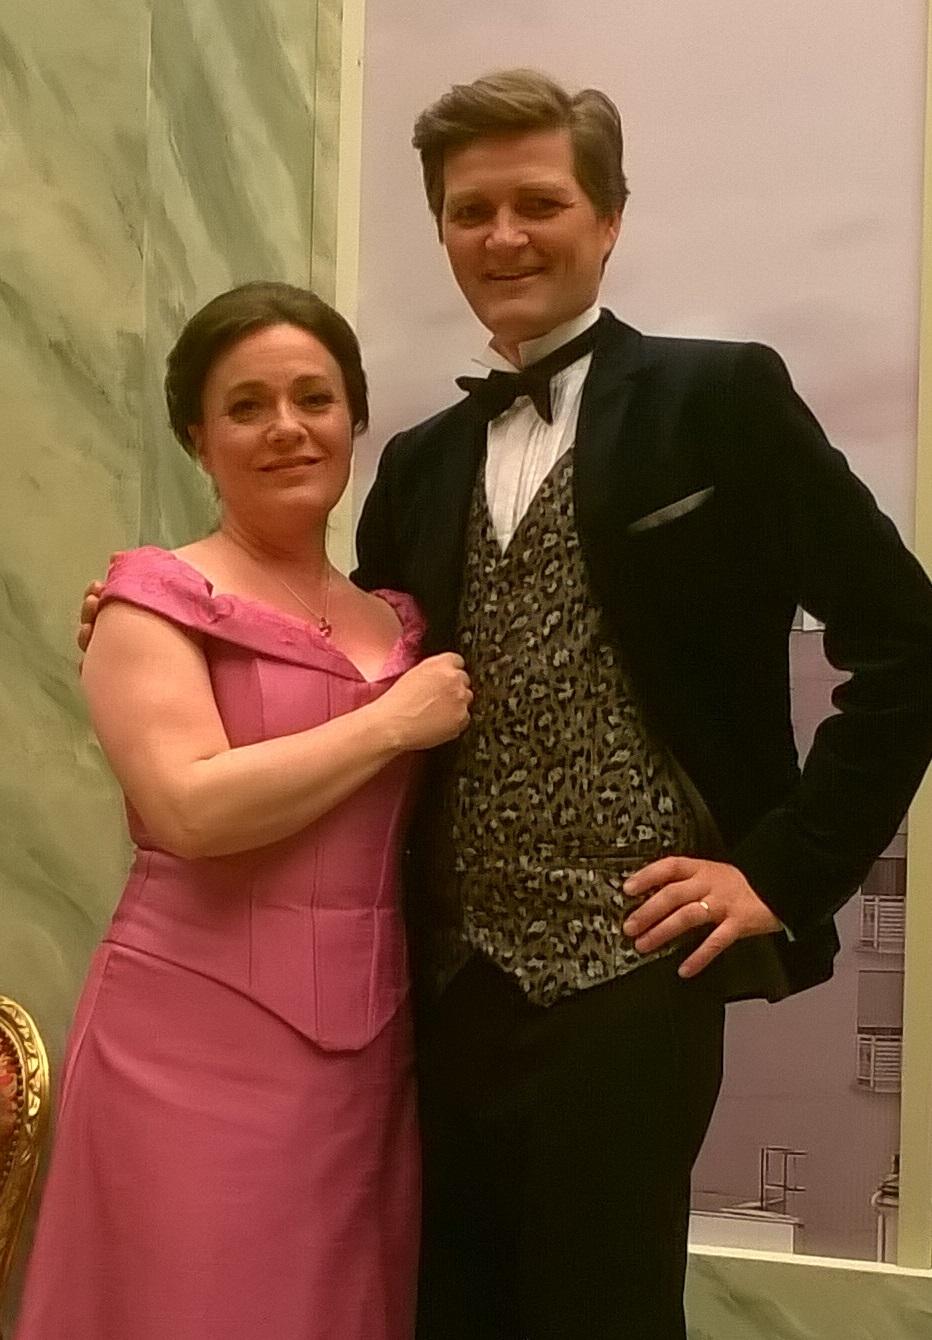 Armand & Juliette Brissard